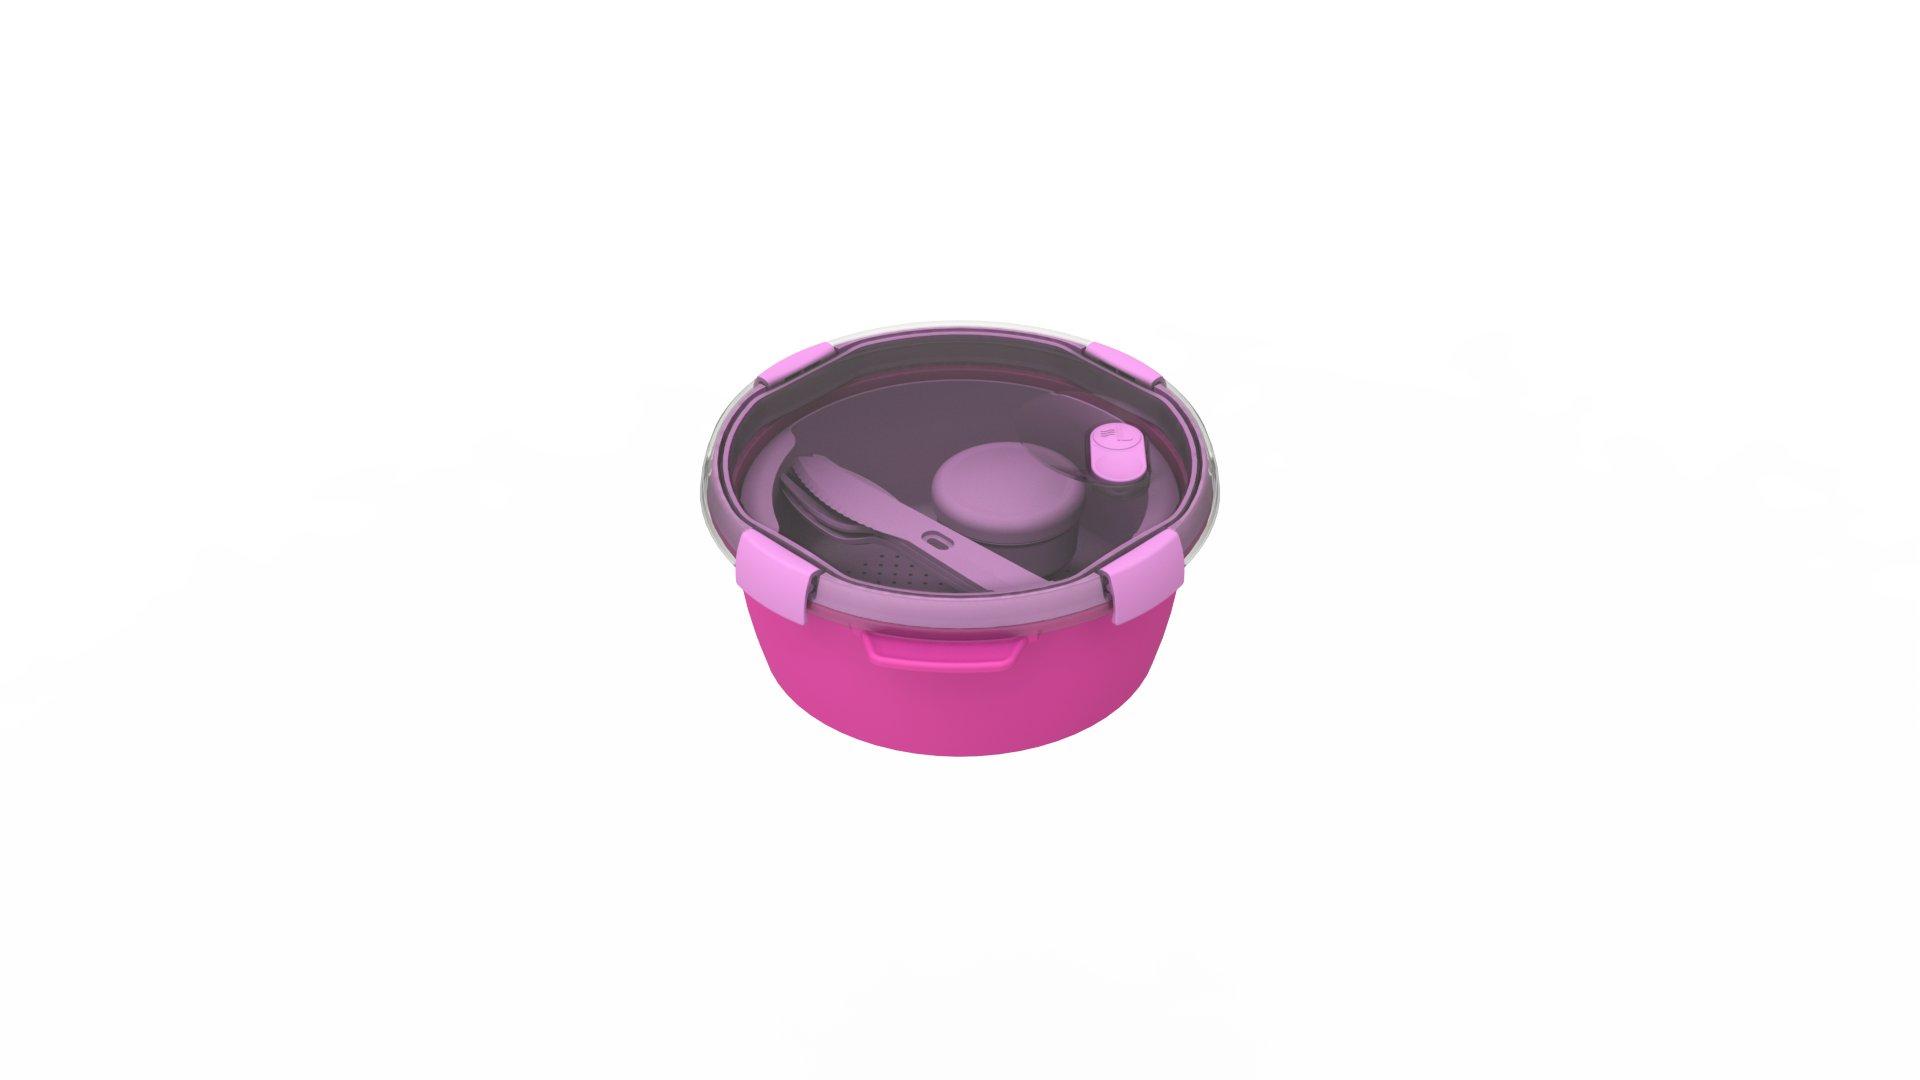 Curver kulatá dóza SMART TO GO 1,6l s příborem, mističkou a táckem fialová